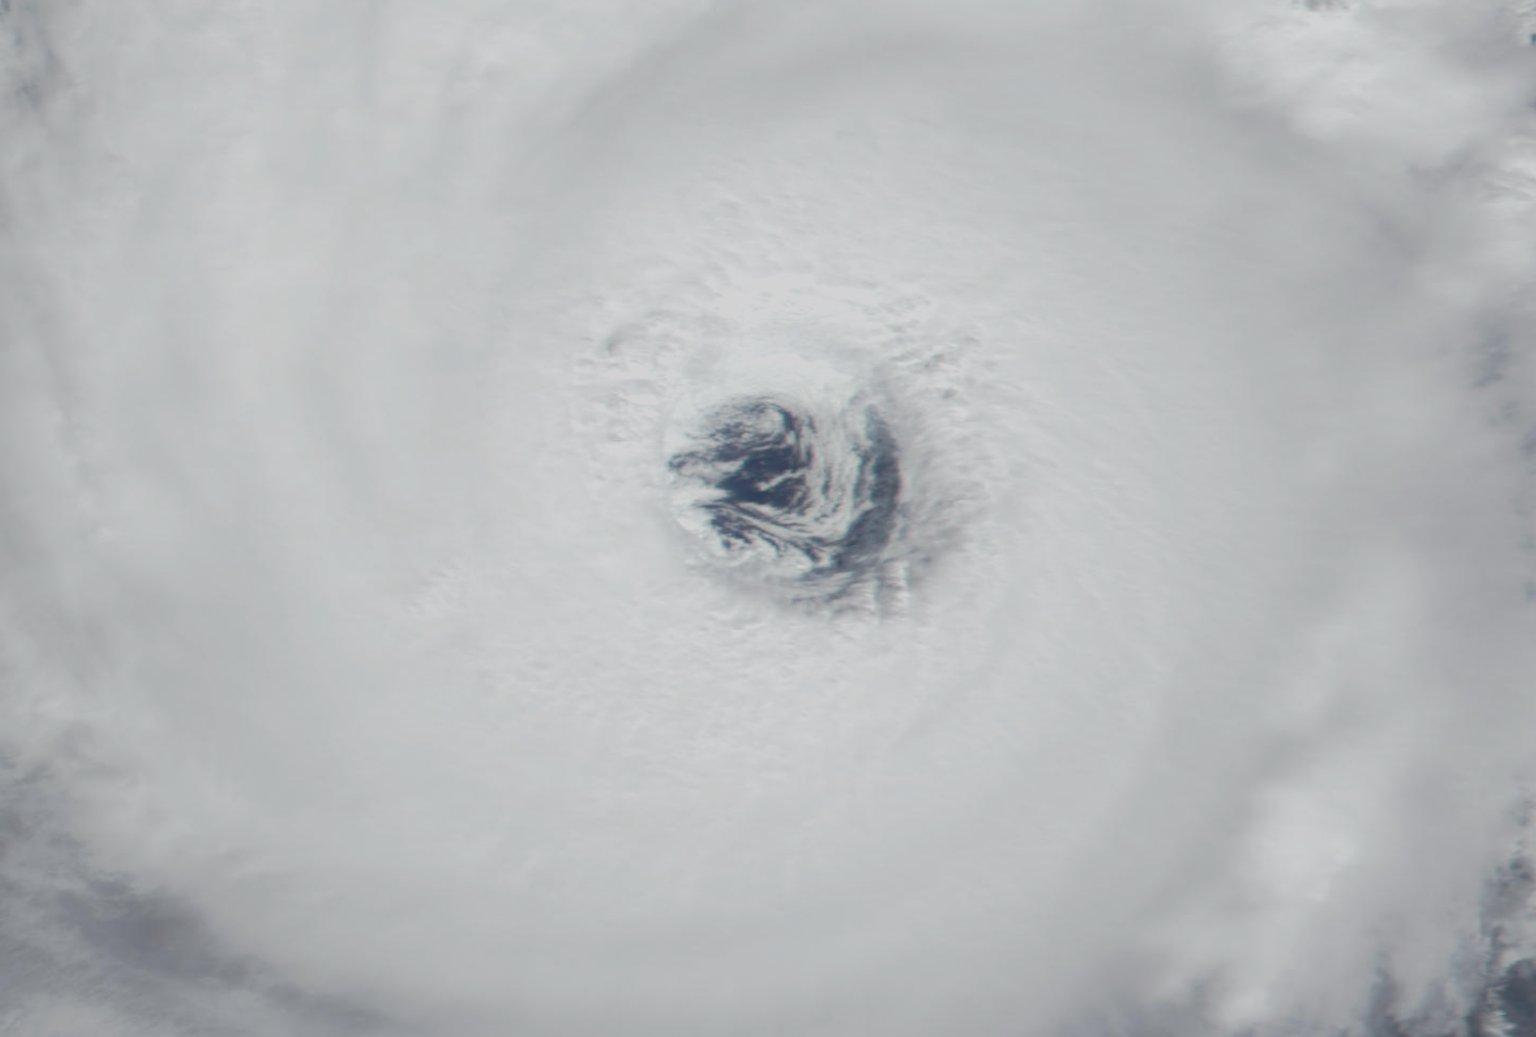 Hurricane Erin from MODIS: September 5, 2001